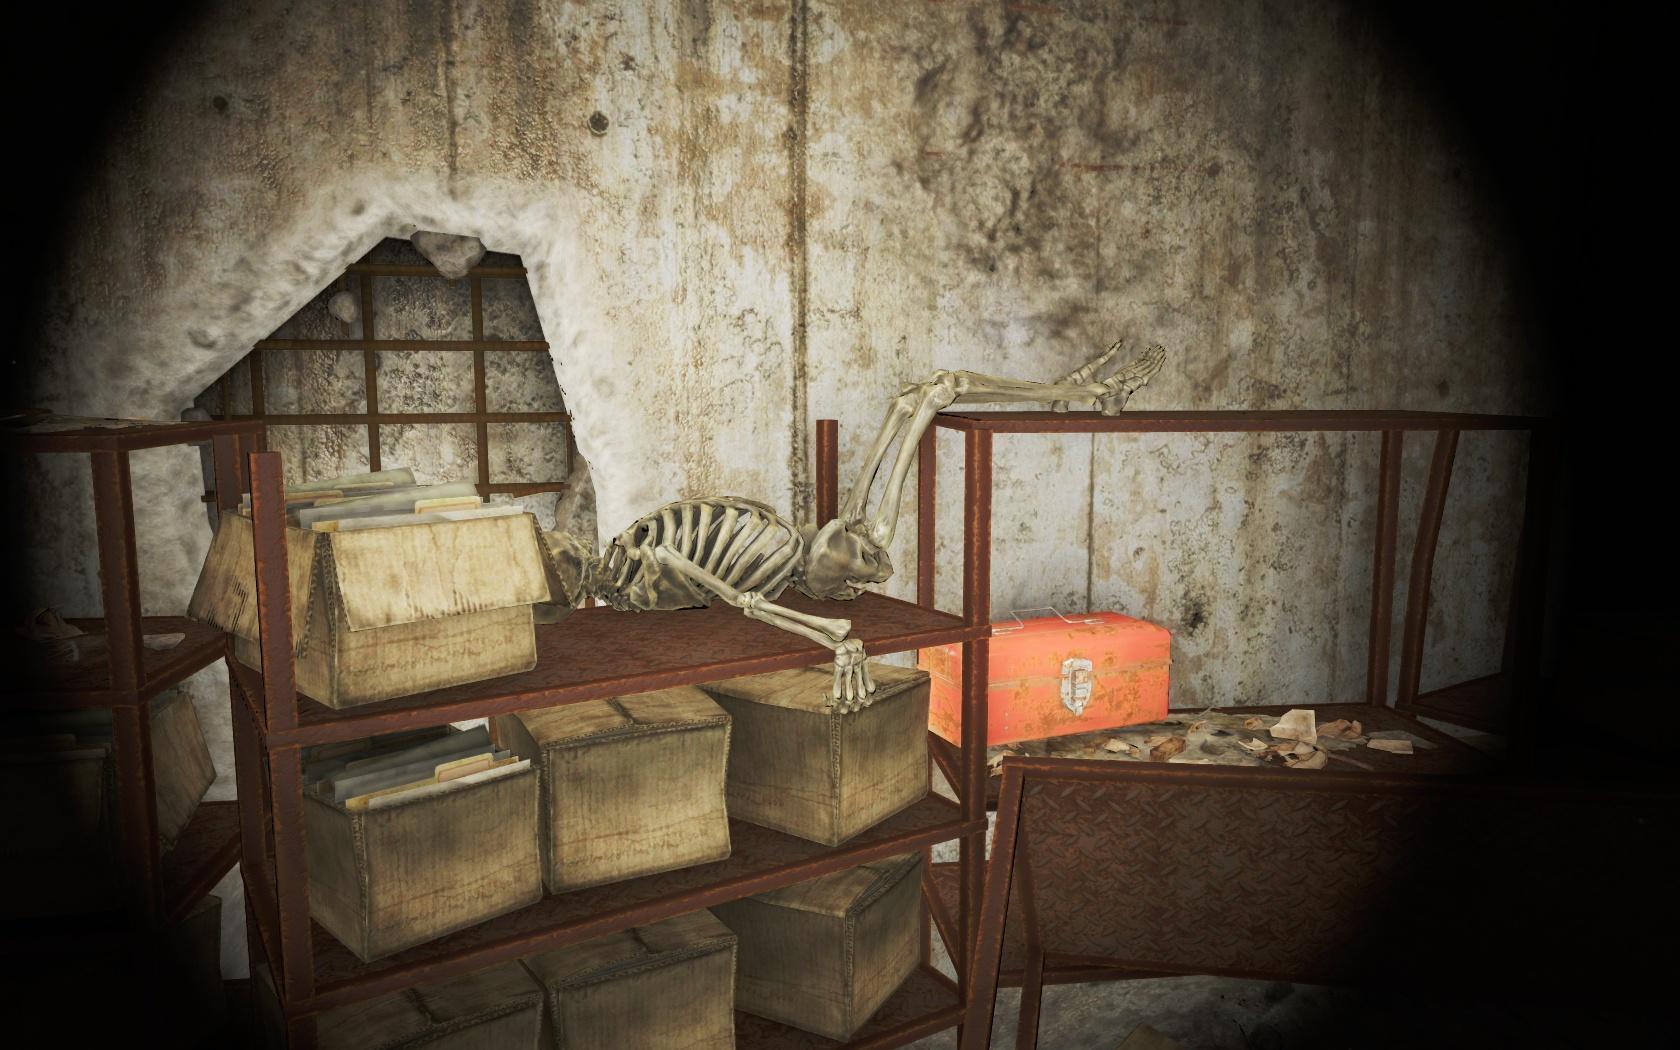 Шикарное место для сна (Хьюбрис Комикс) - Fallout 4 Комикс, скелет, Хьюбрис, Хьюбрис Комикс